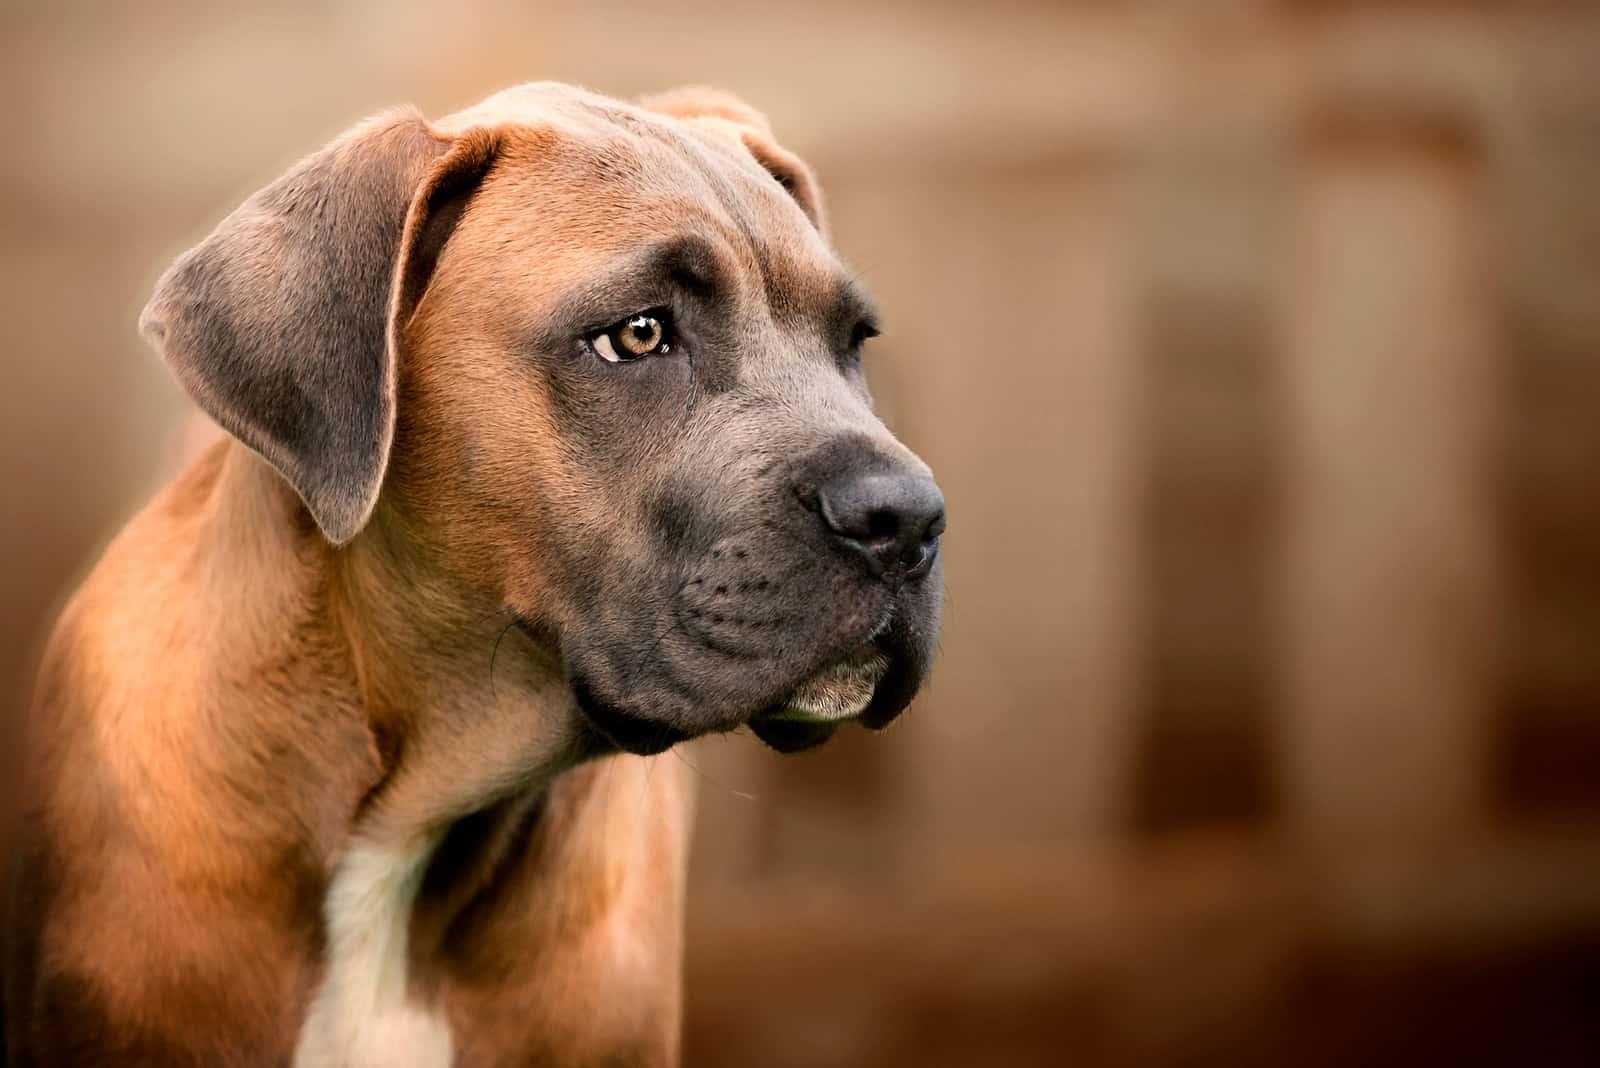 Cane Corso puppy - Young Formentino Male